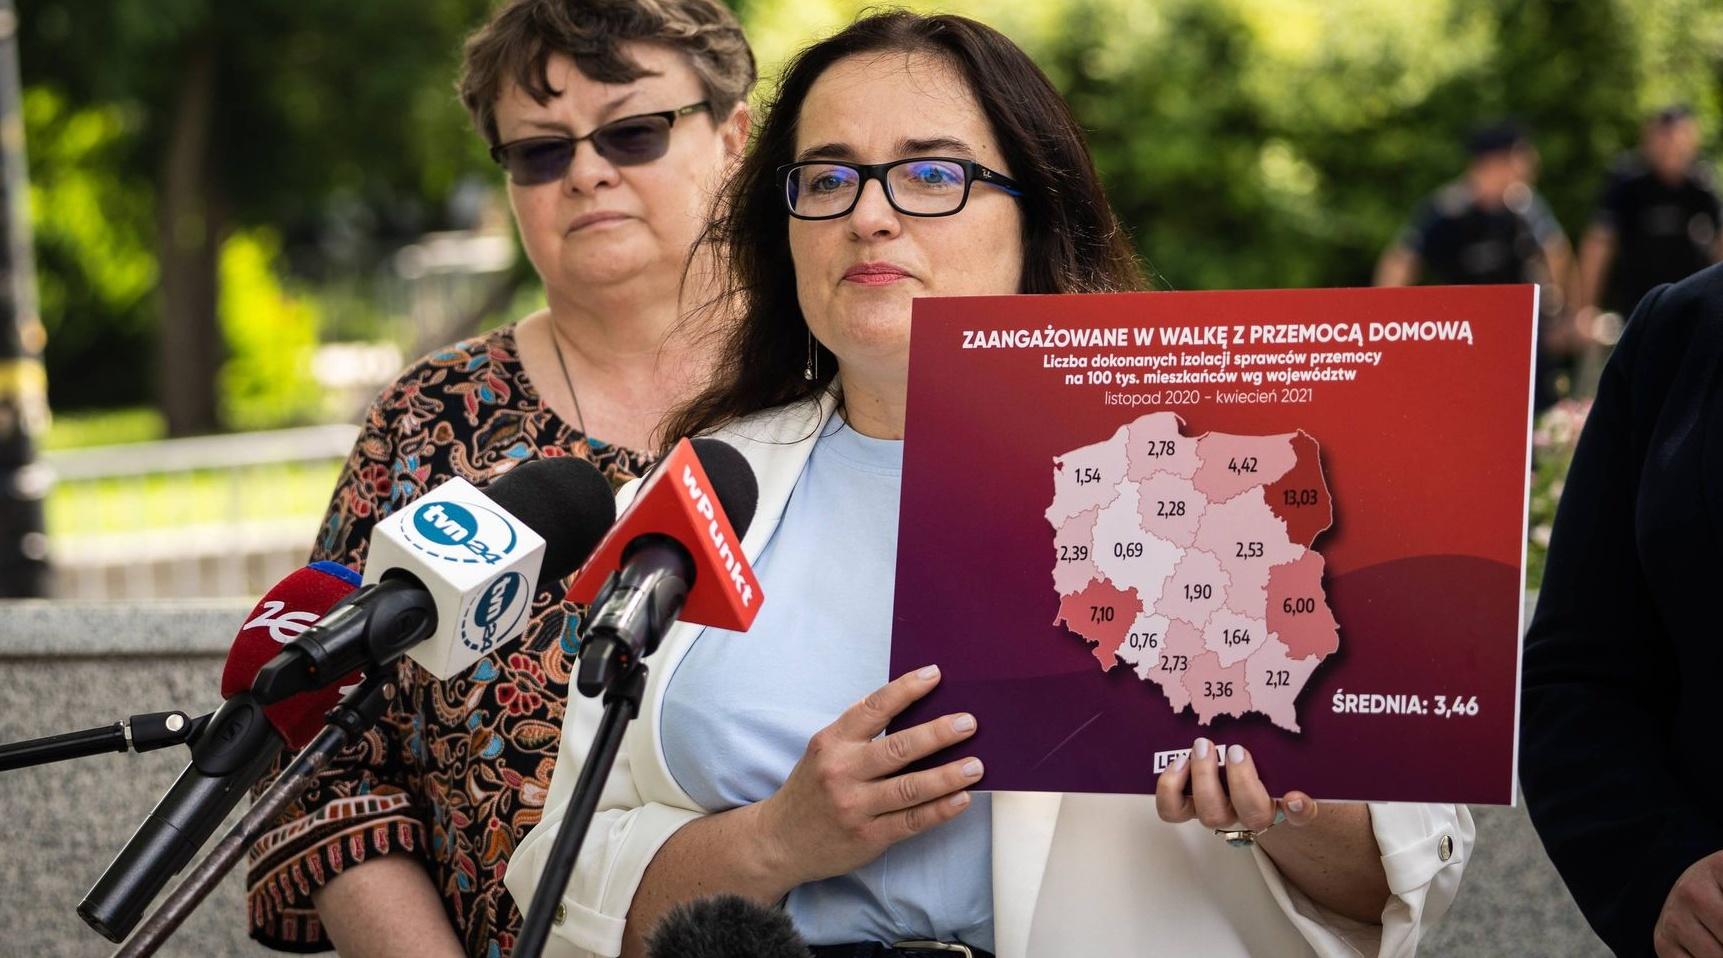 Posłanki lewicy: 1331 izolacji sprawców przemocy domowej po zmianach w prawie